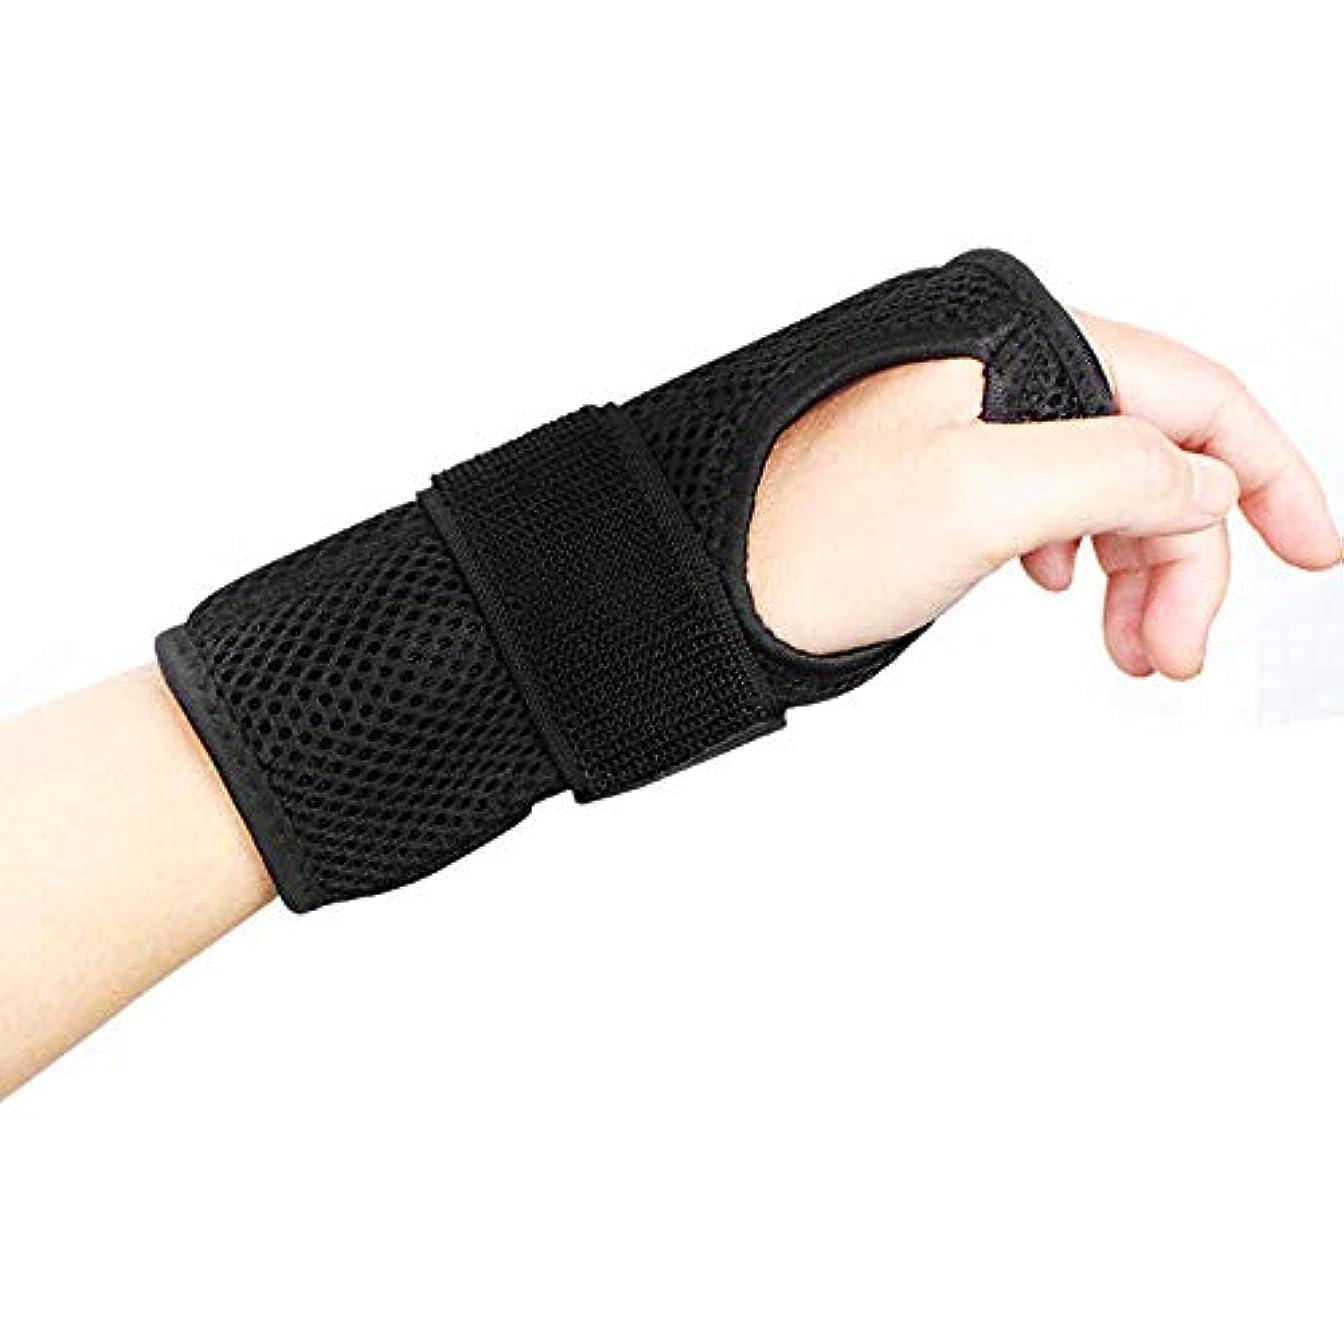 落ち着いてでも豪華な手首サポートブレーススプリントは、怪我、スポーツ、ジム、繰り返しの緊張などのために医学的に承認された調整可能な弾性ブレースです デザイン,Righthand,M